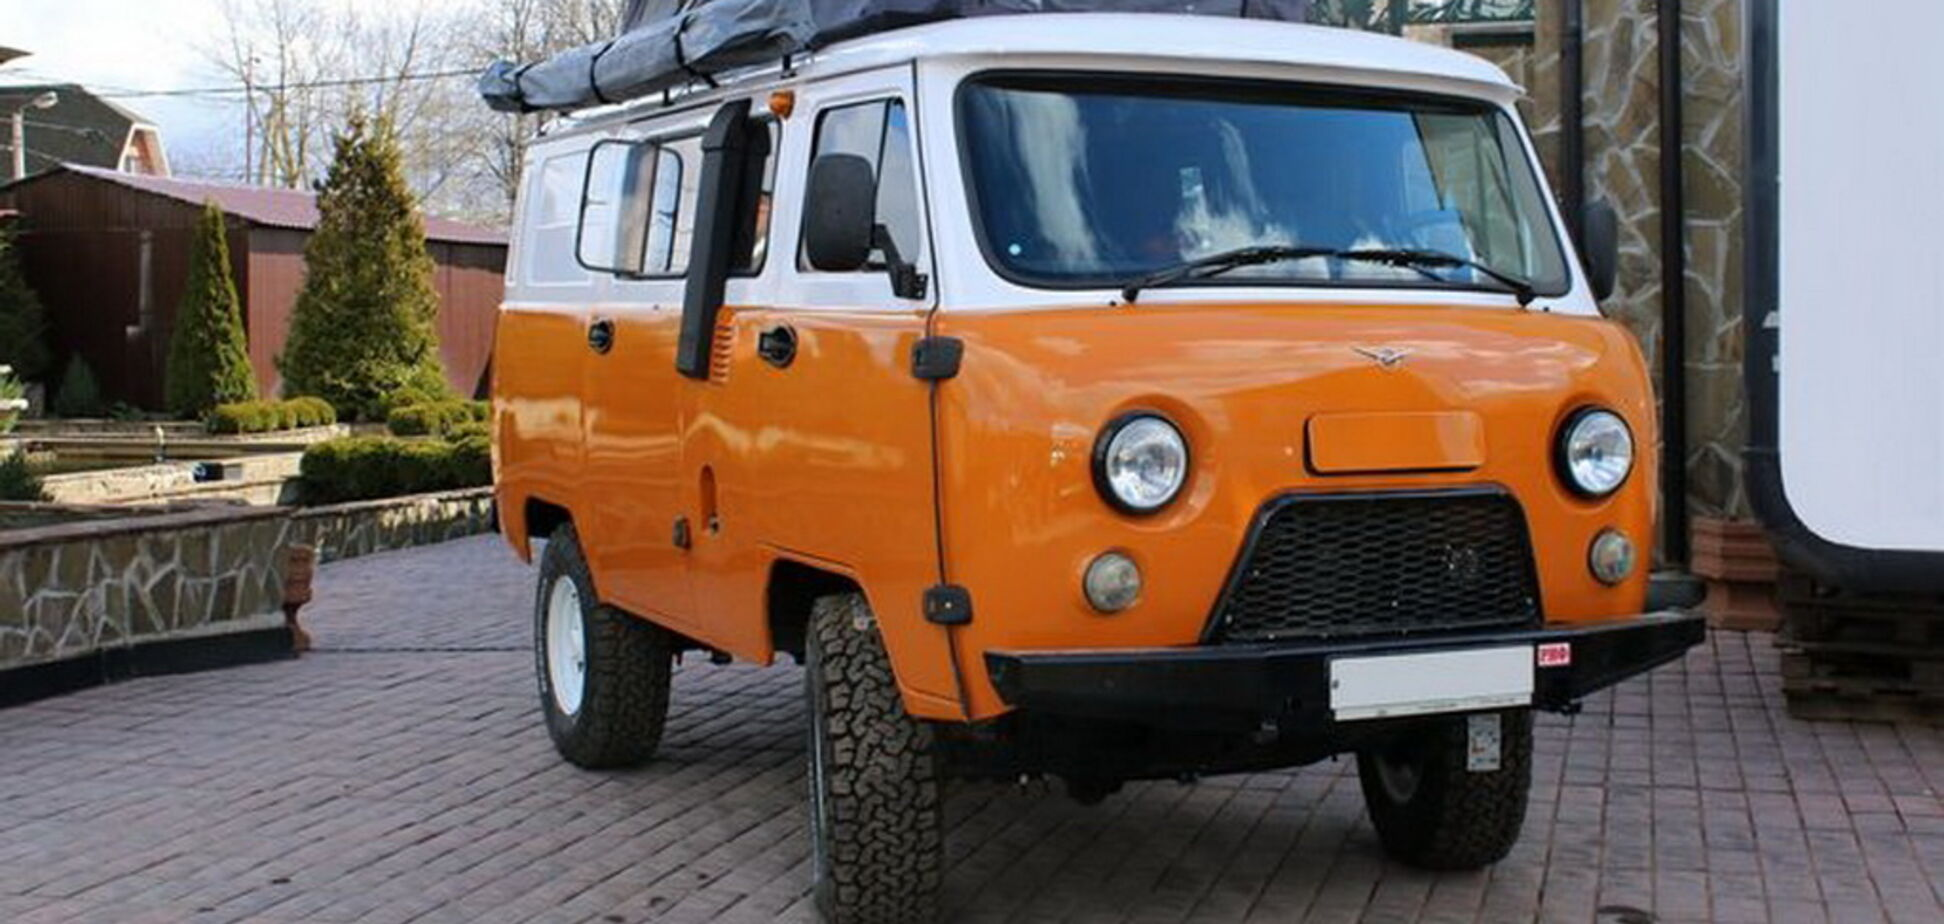 'Буханець' стал 'Байкалом': УАЗ перетворили на будинок на колесах